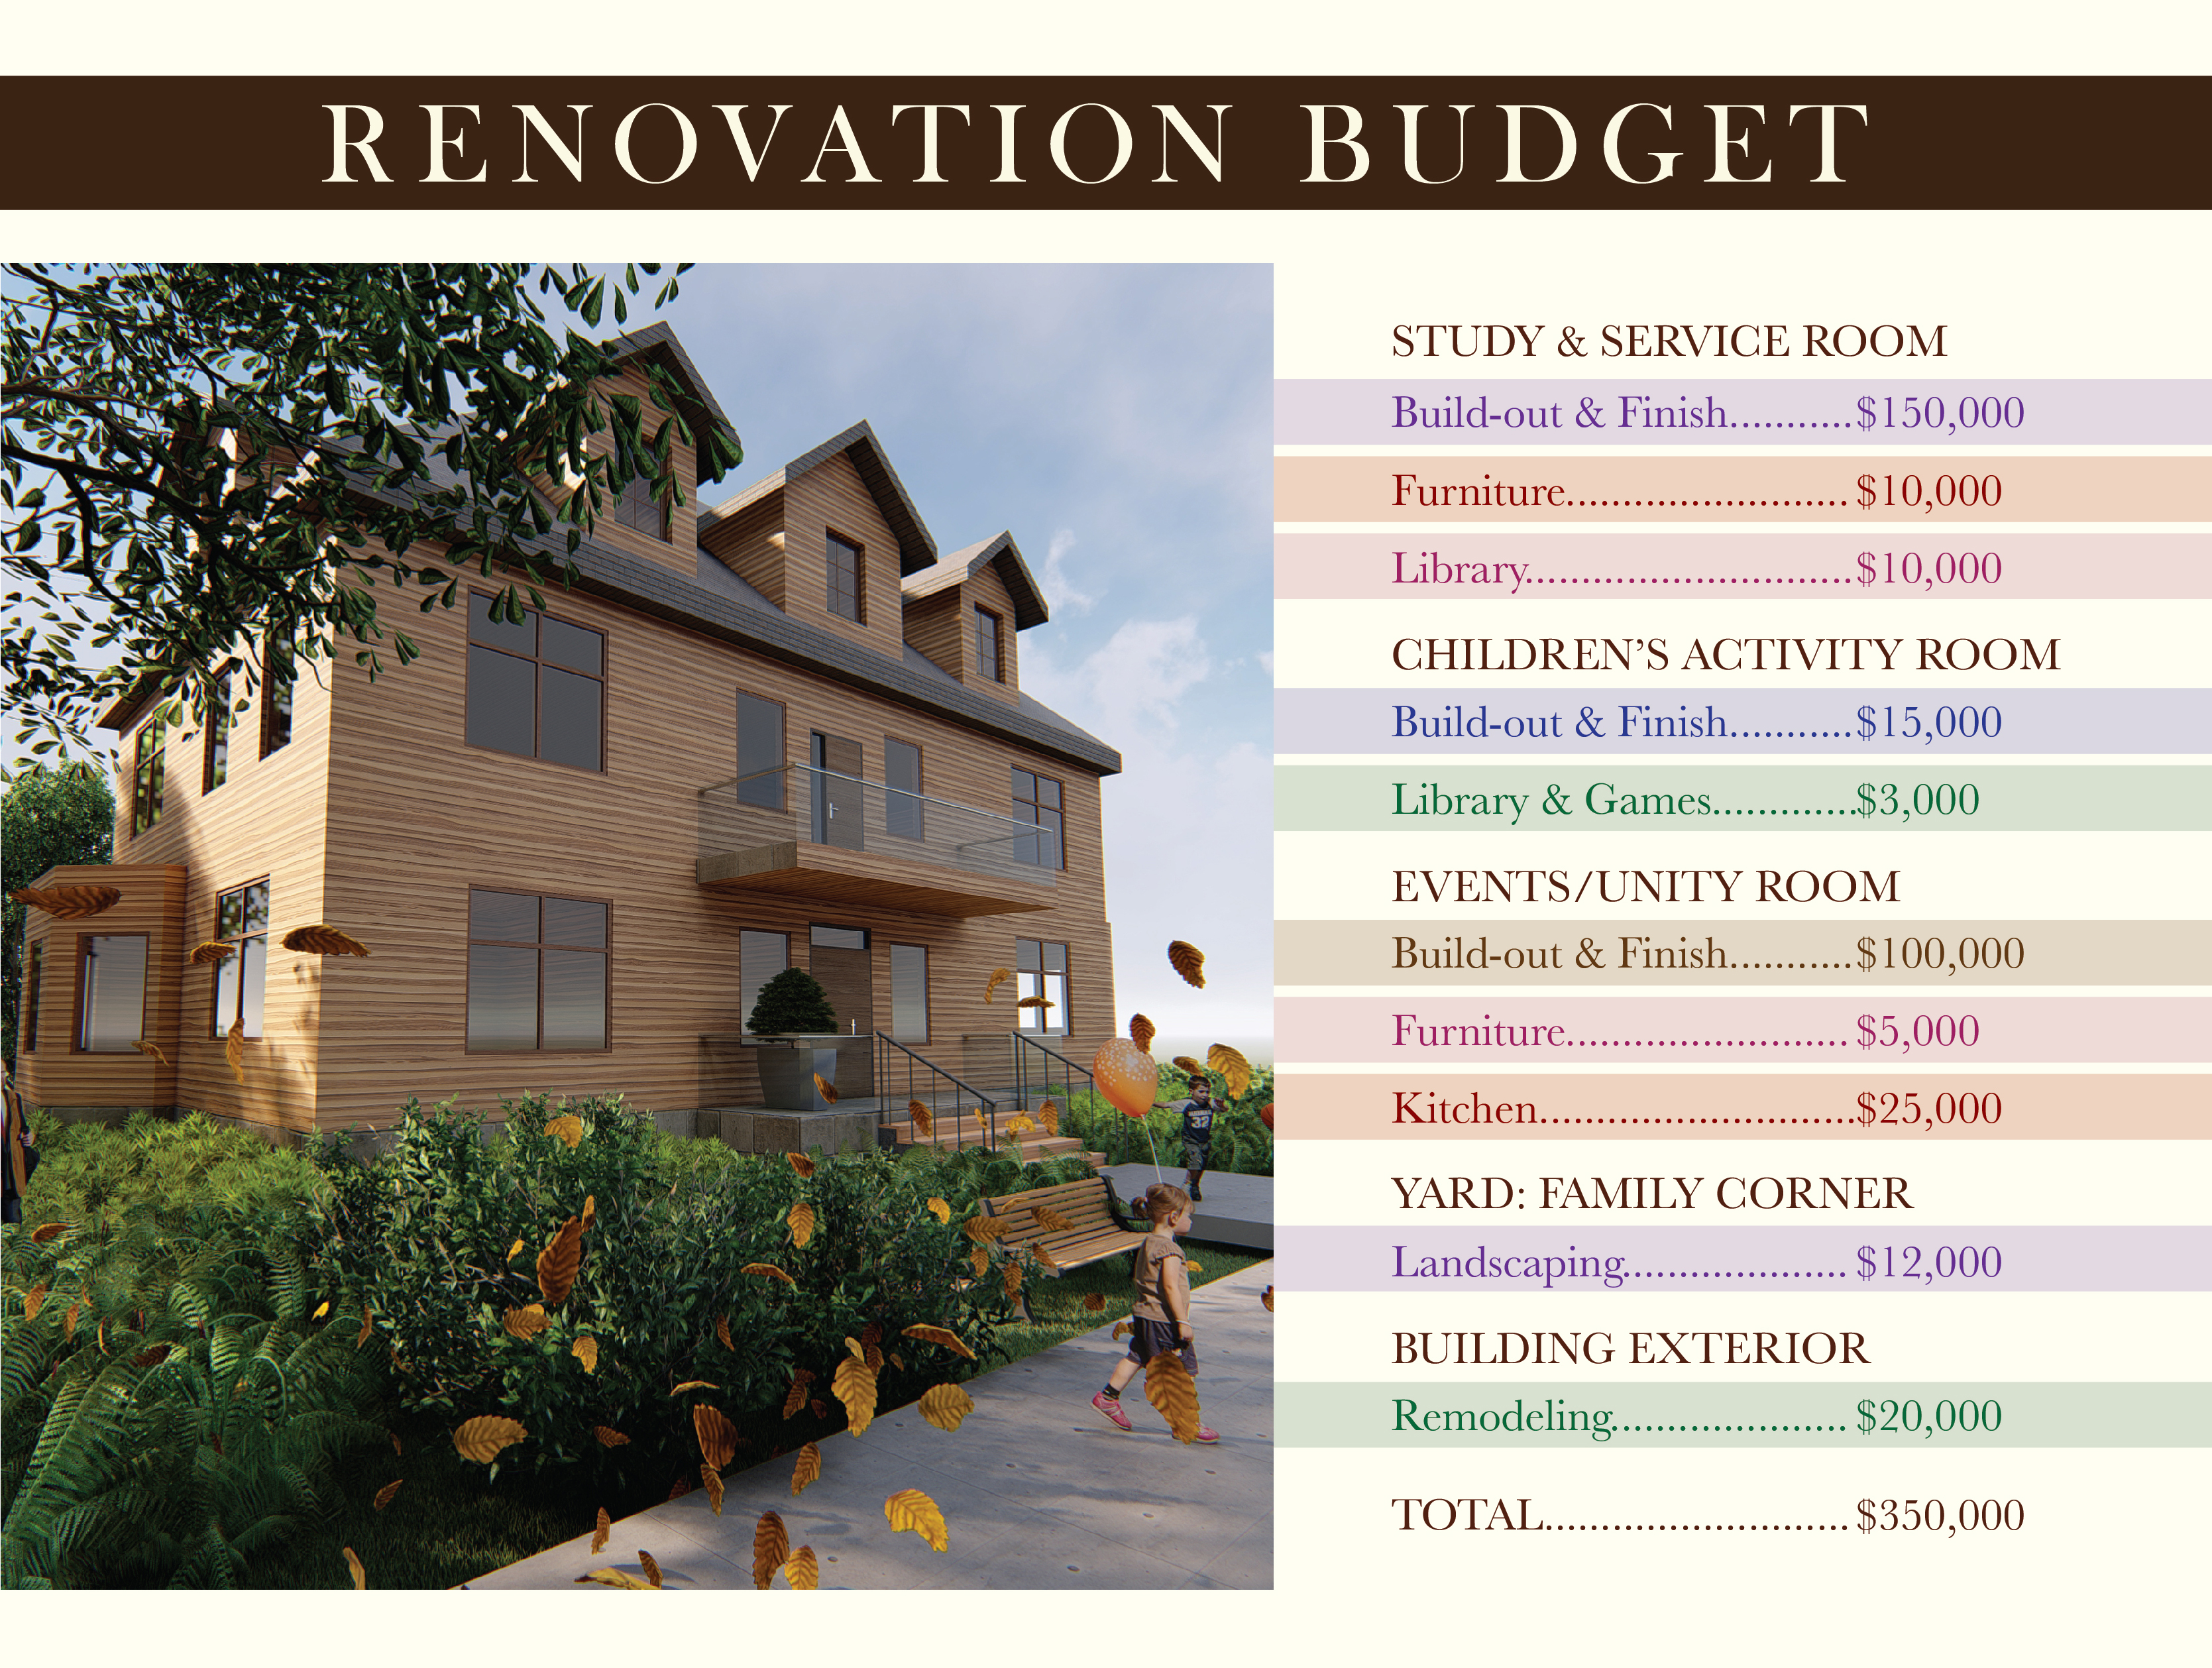 budget jpg.jpg